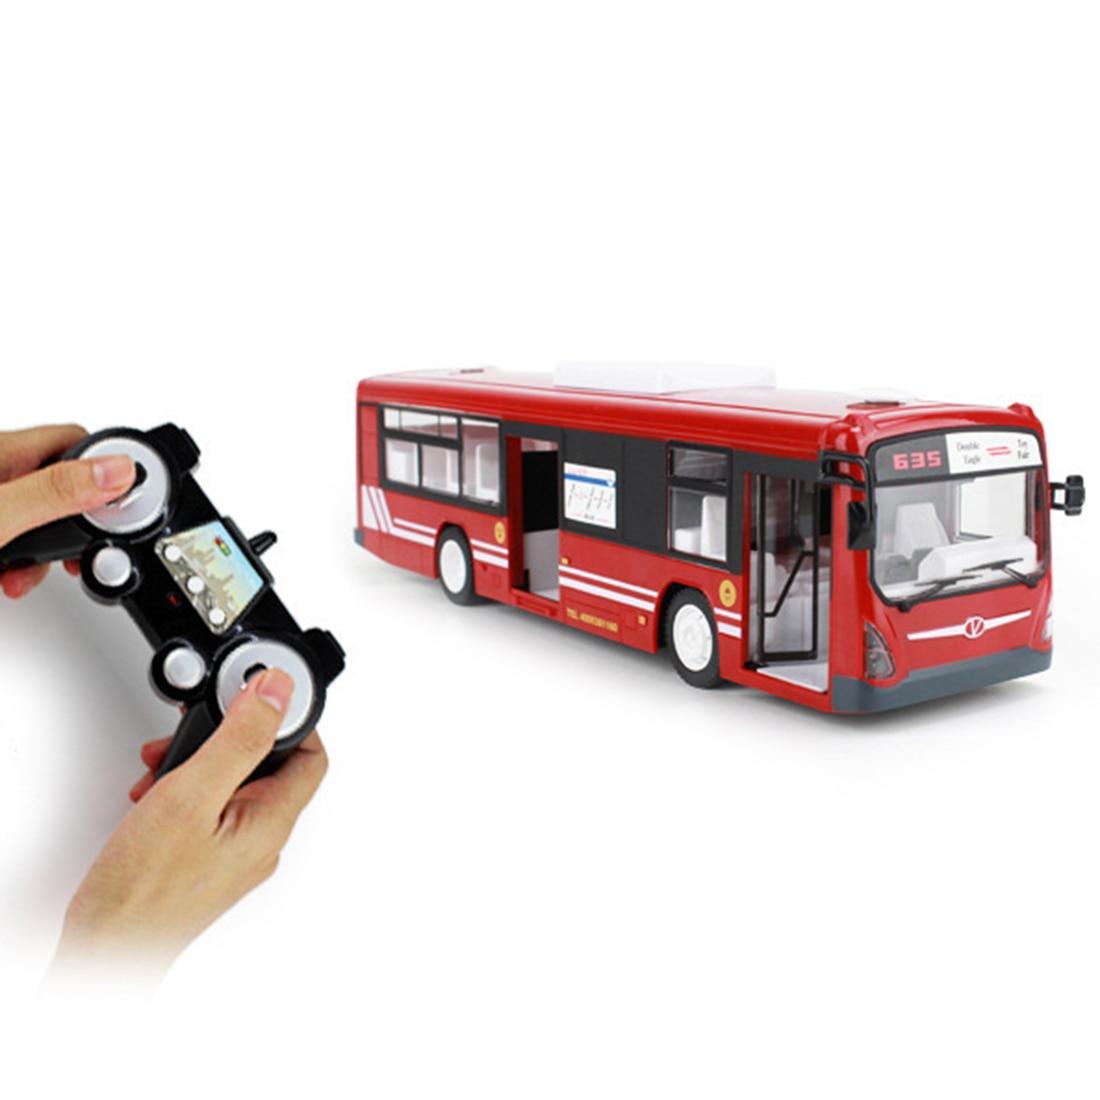 2.4G RC voiture Bus ville Express modèle RC jouet voiture avec lumière réaliste et son-télécommande Bus jouets cadeau d'anniversaire rouge